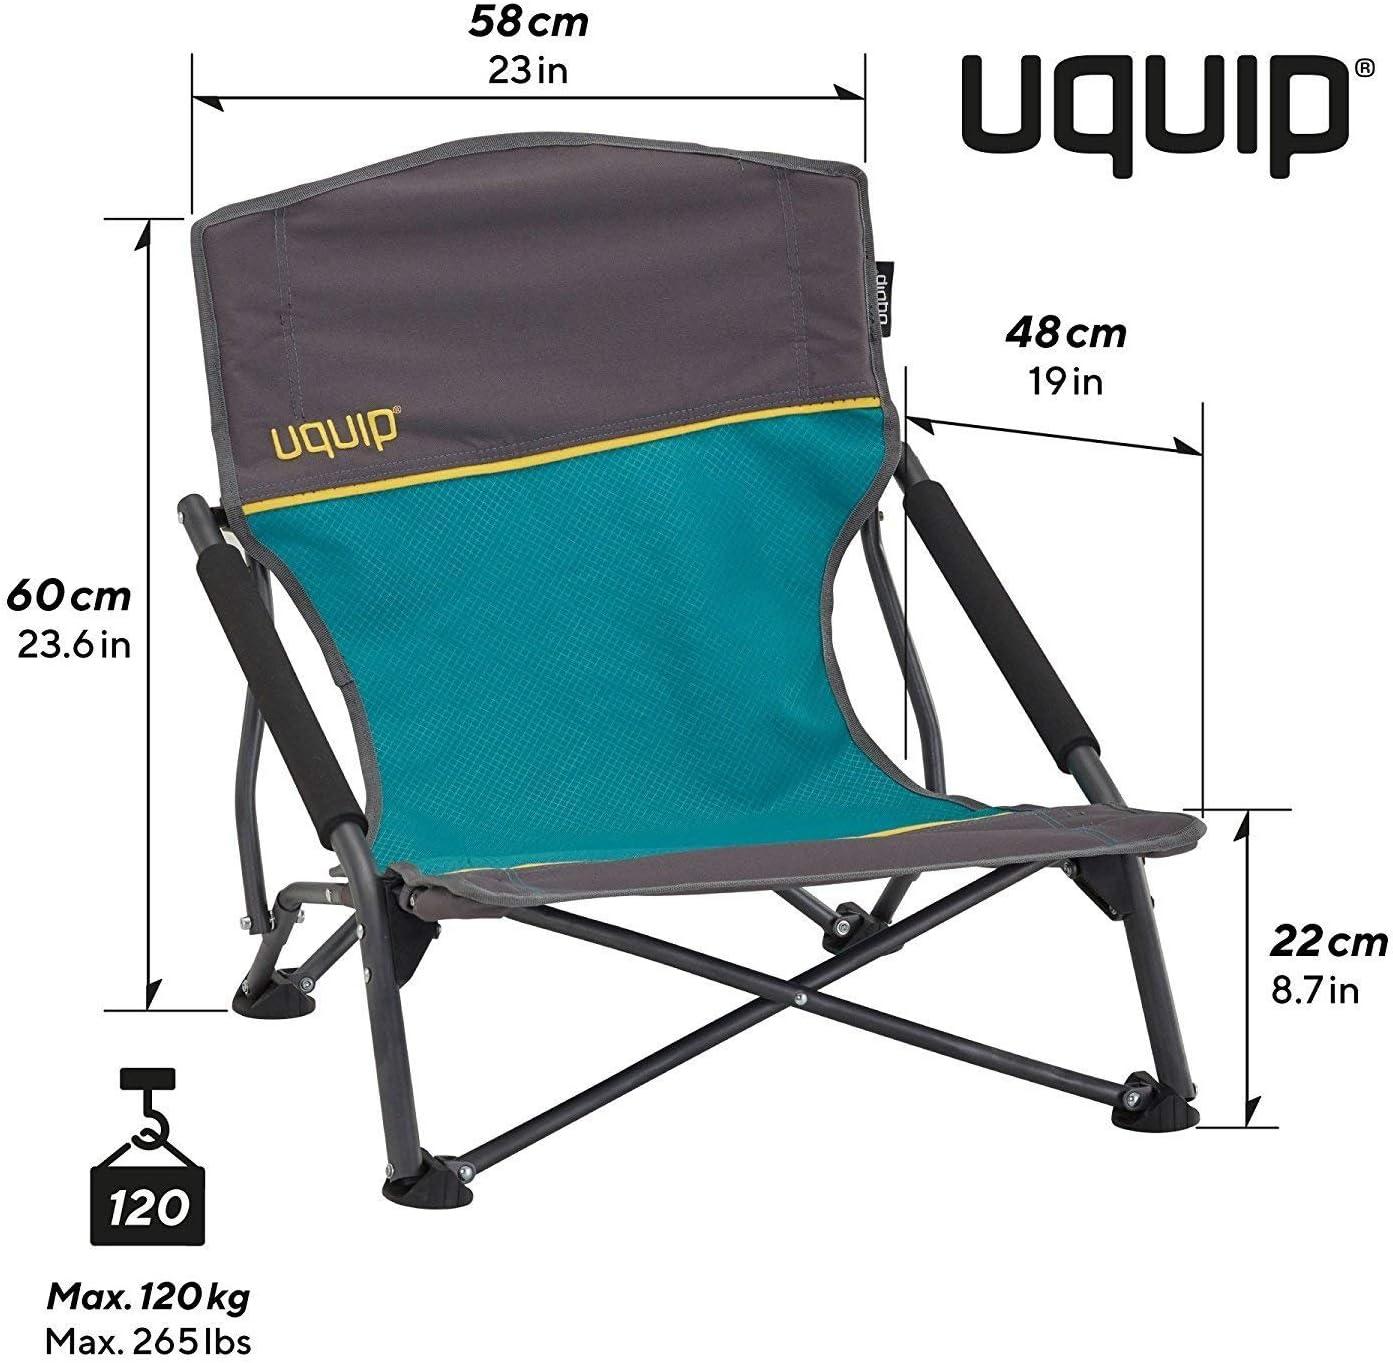 Uquip-Plage Chaise SANDY XL Confortable Chaise pliante avec capacité de charge jusqu/'à 120 kg bien